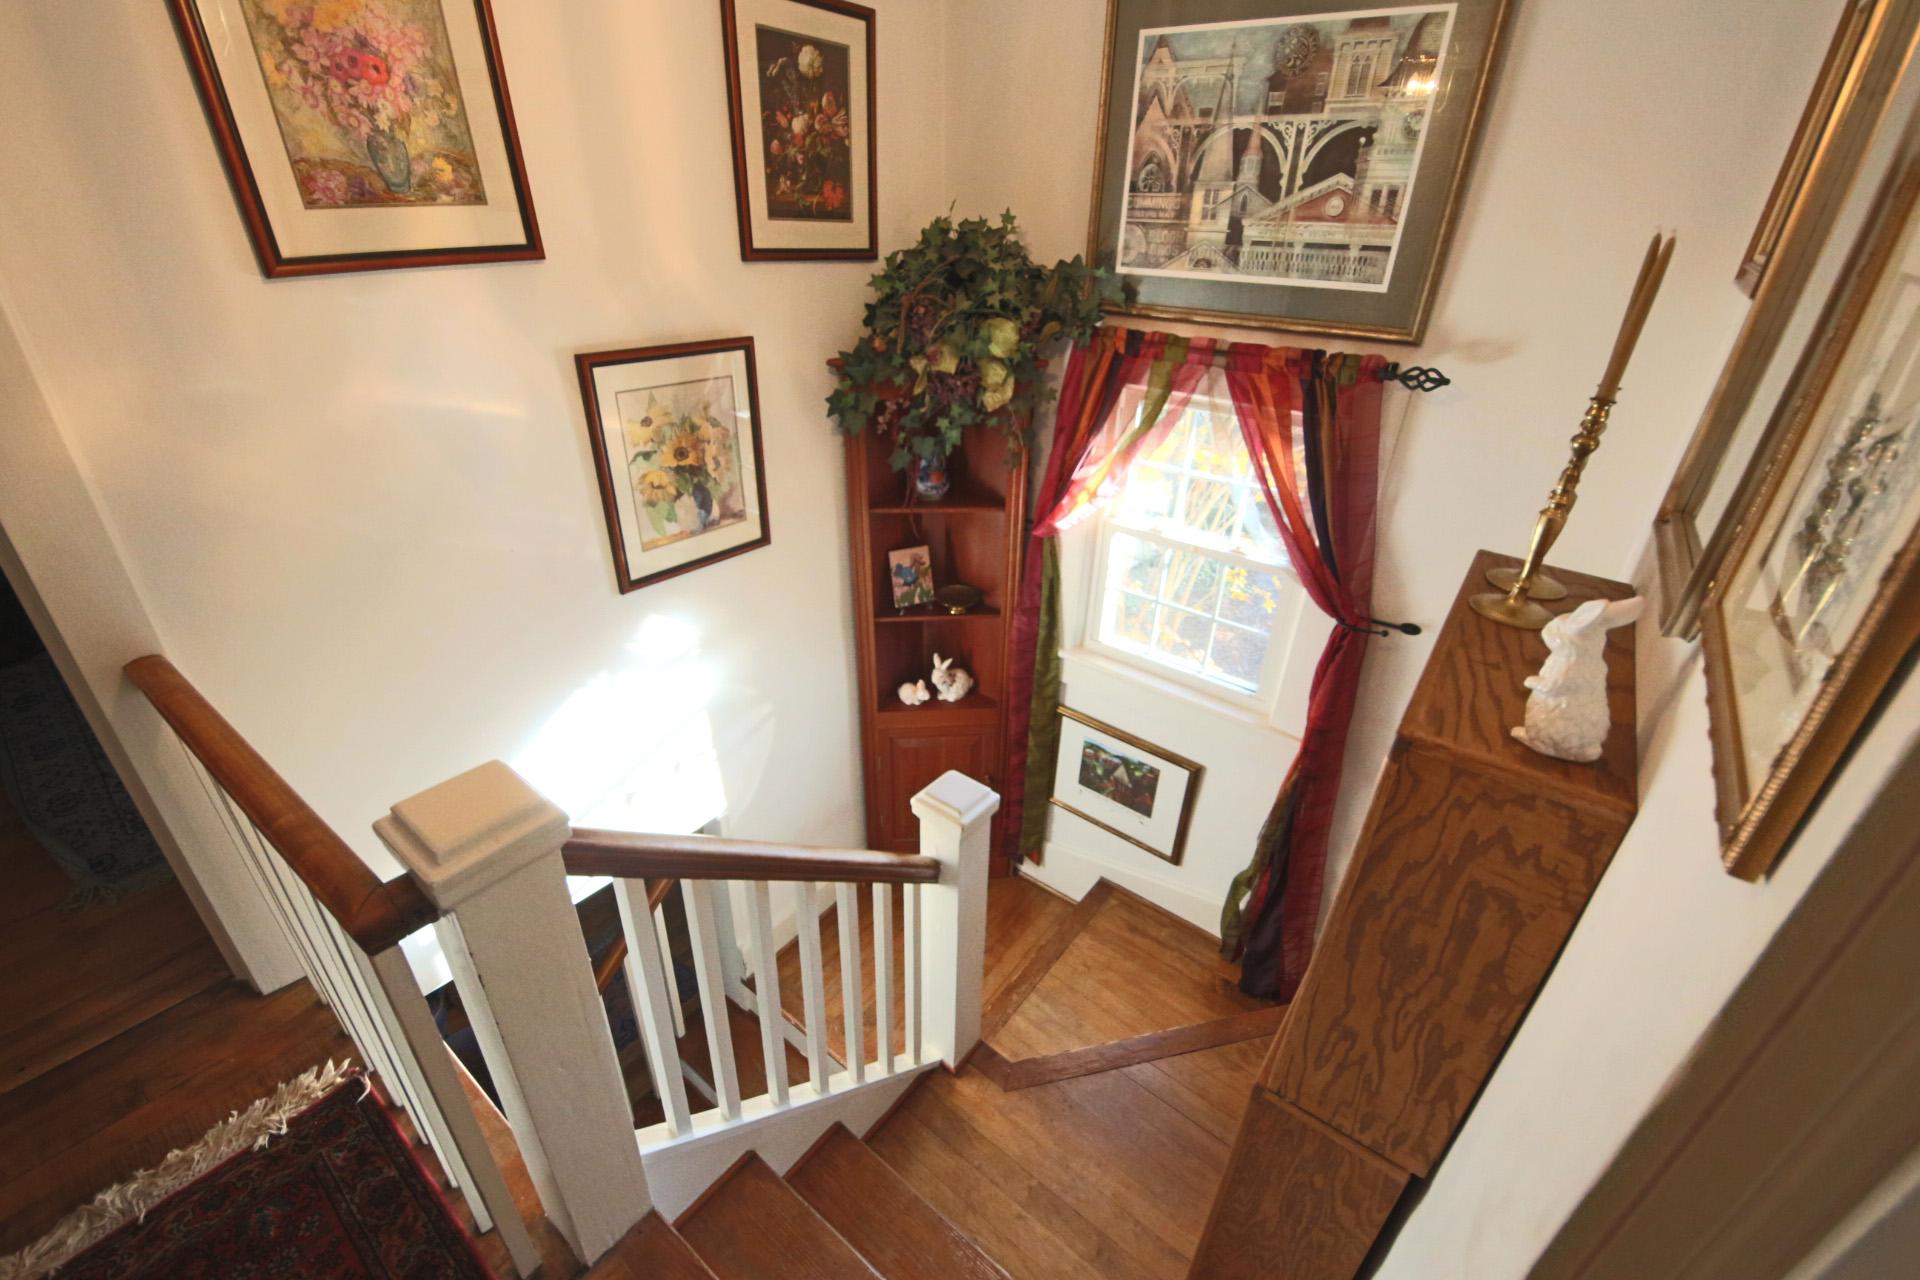 22. Stairwell